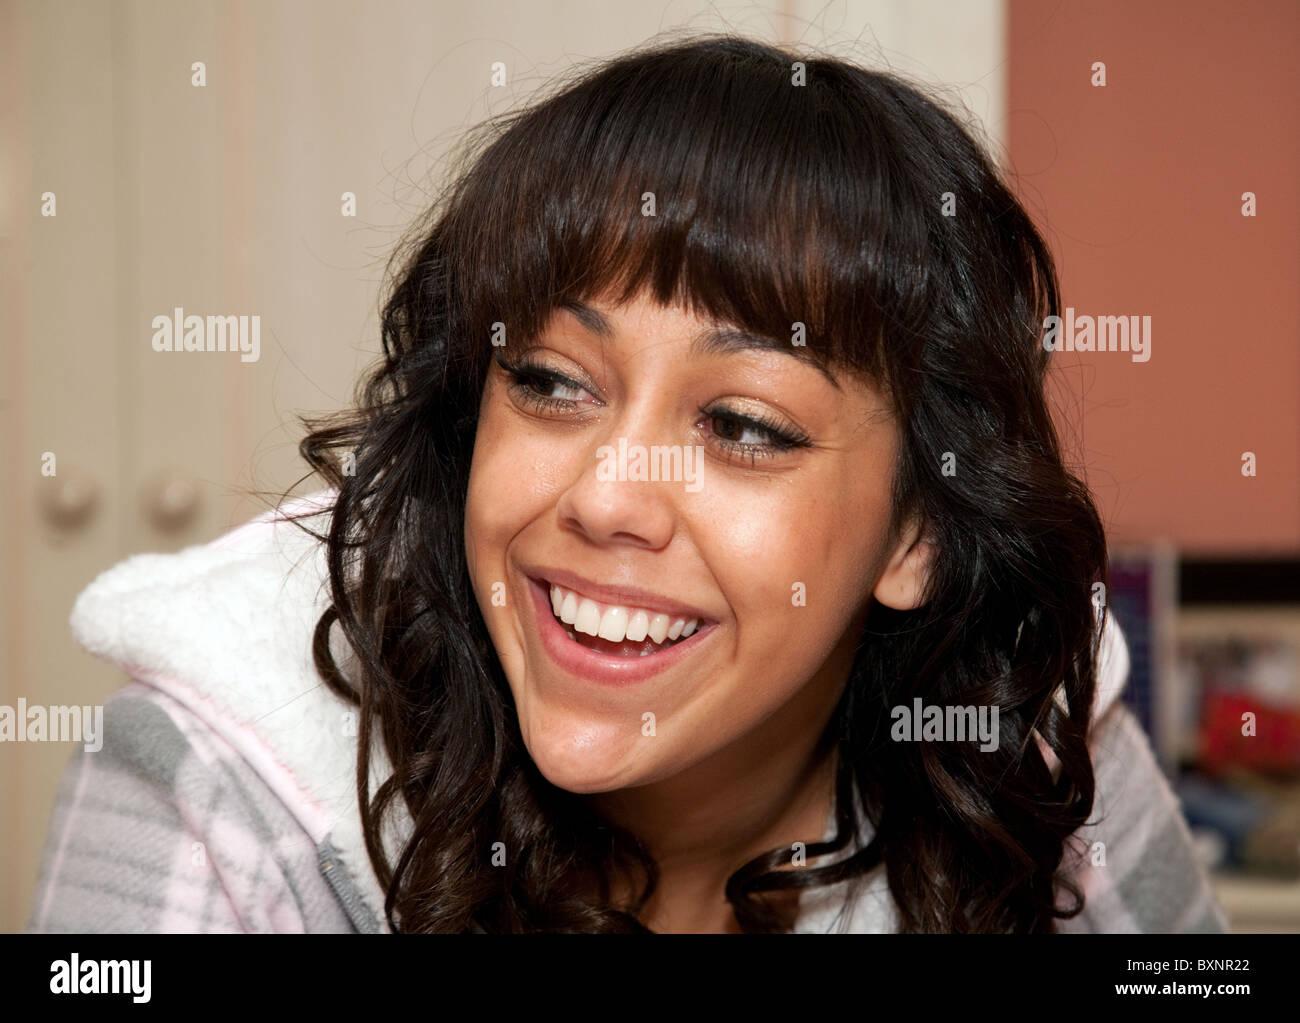 Attraente 18 anno indian ragazza sorridente e guardando verso sinistra Immagini Stock